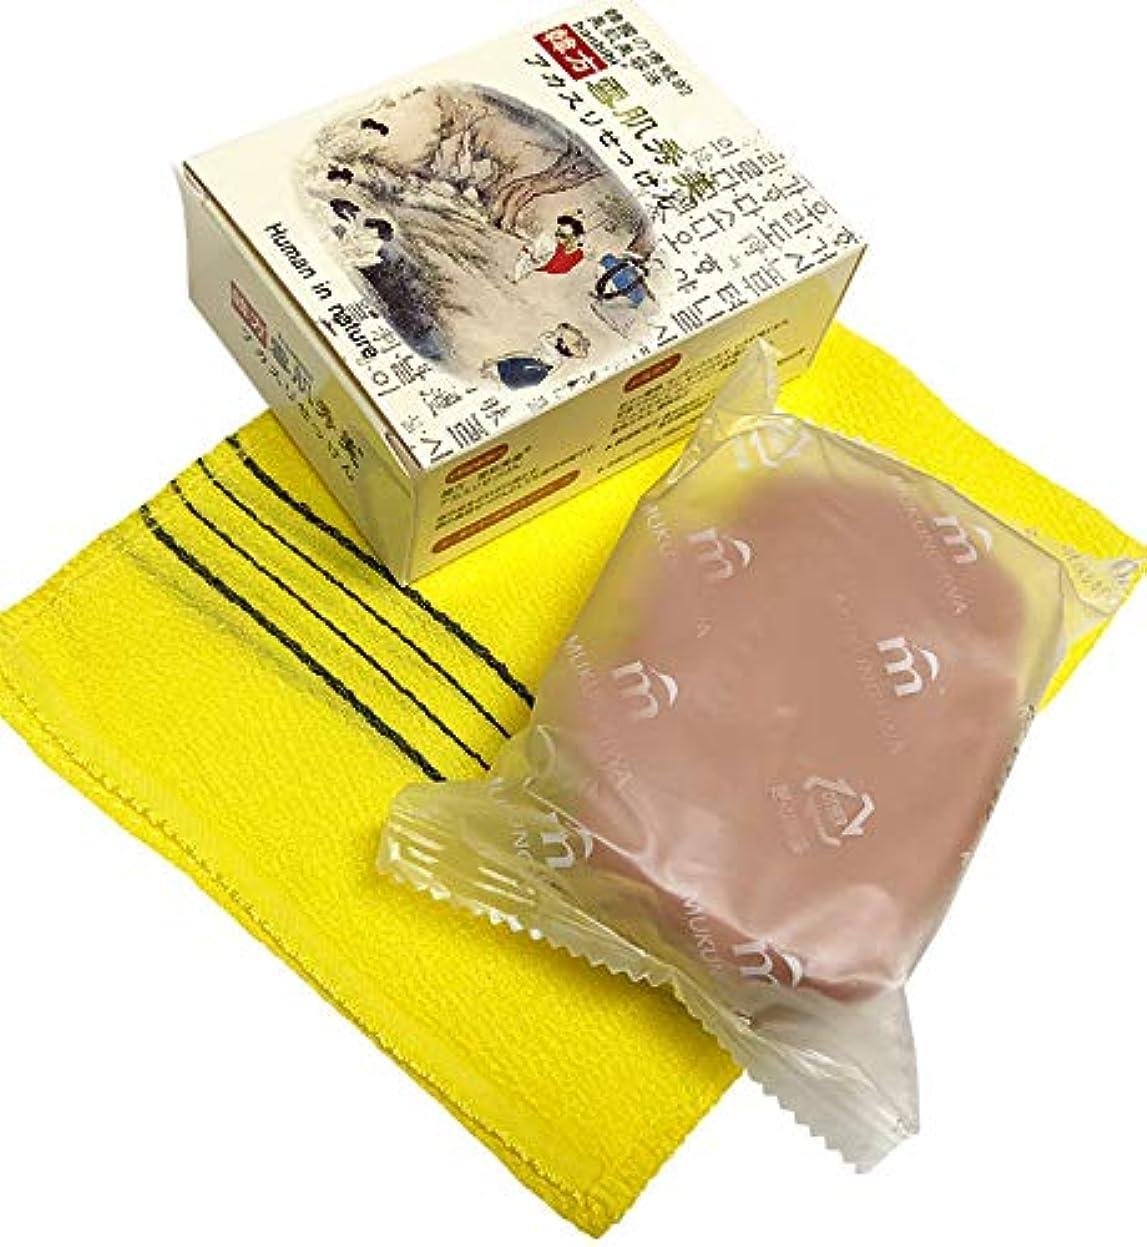 人気の顔、体兼用、蜂蜜香りの韓方石ケン、韓国コスメ 韓方[雪肌美]蜂蜜アカスリせっけん アカスリ専用タオル付き